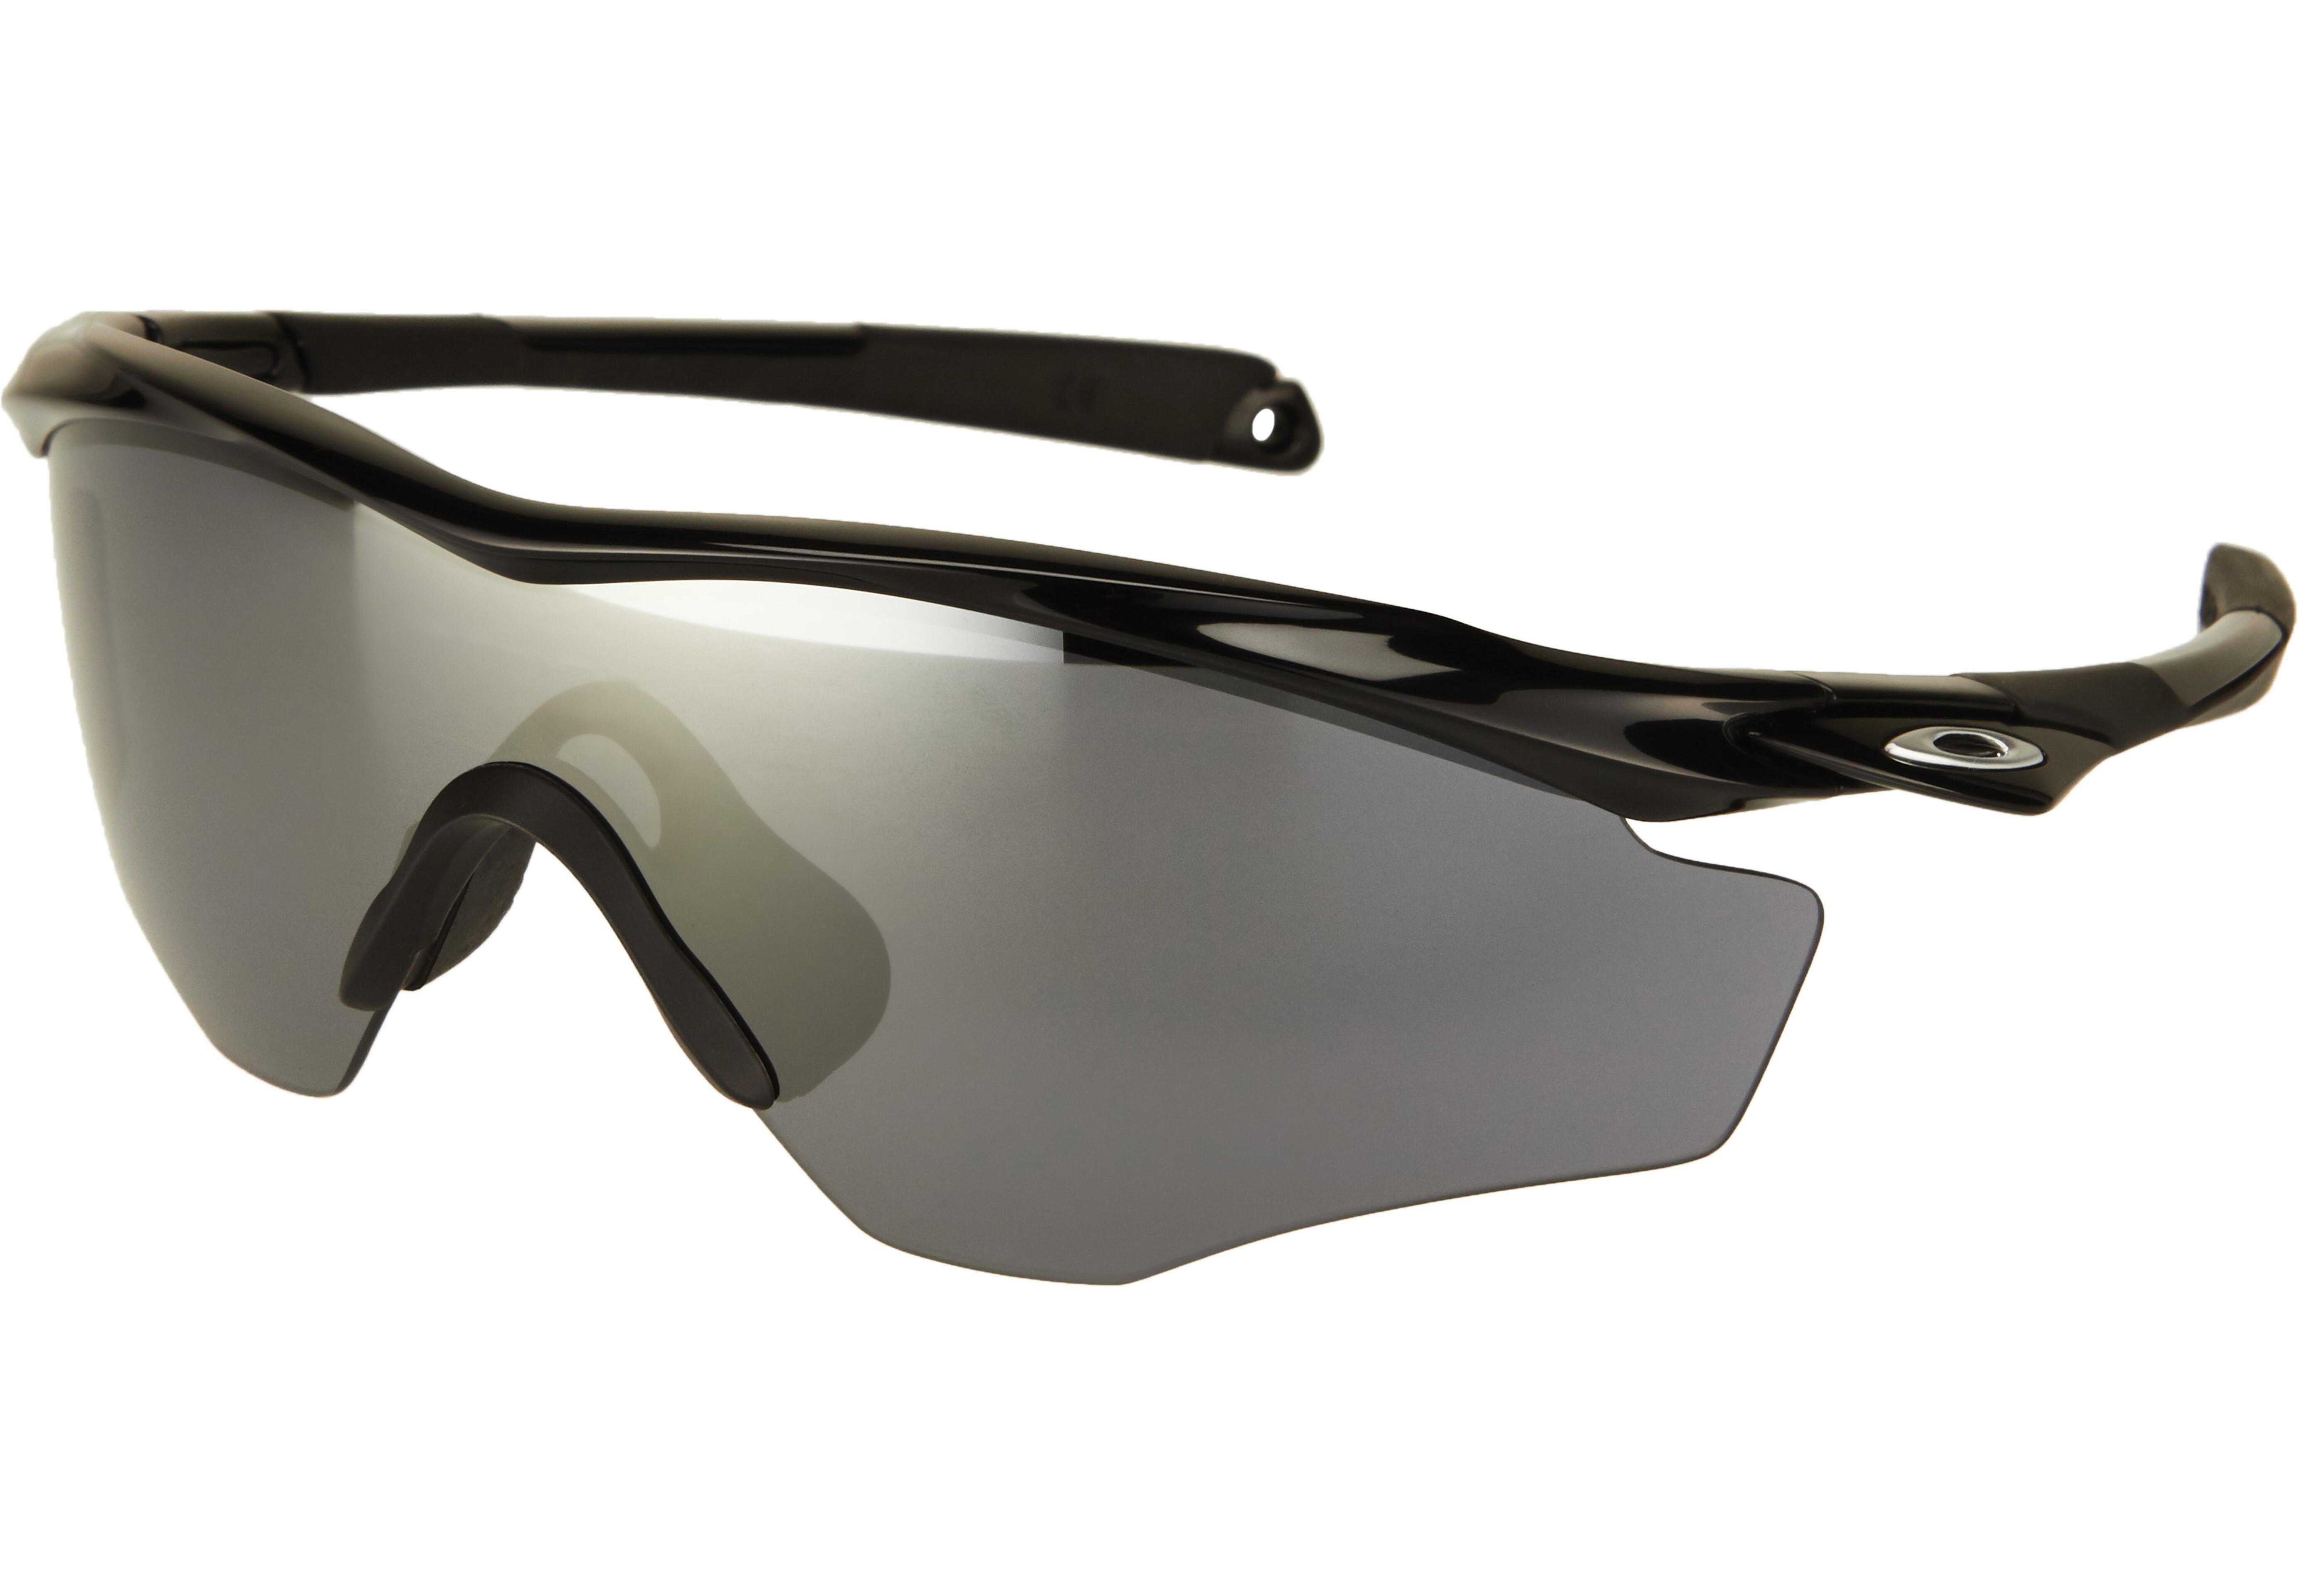 1764a06073 Oakley M2 Frame XL - Lunettes cyclisme - noir - Boutique de vélos en ...